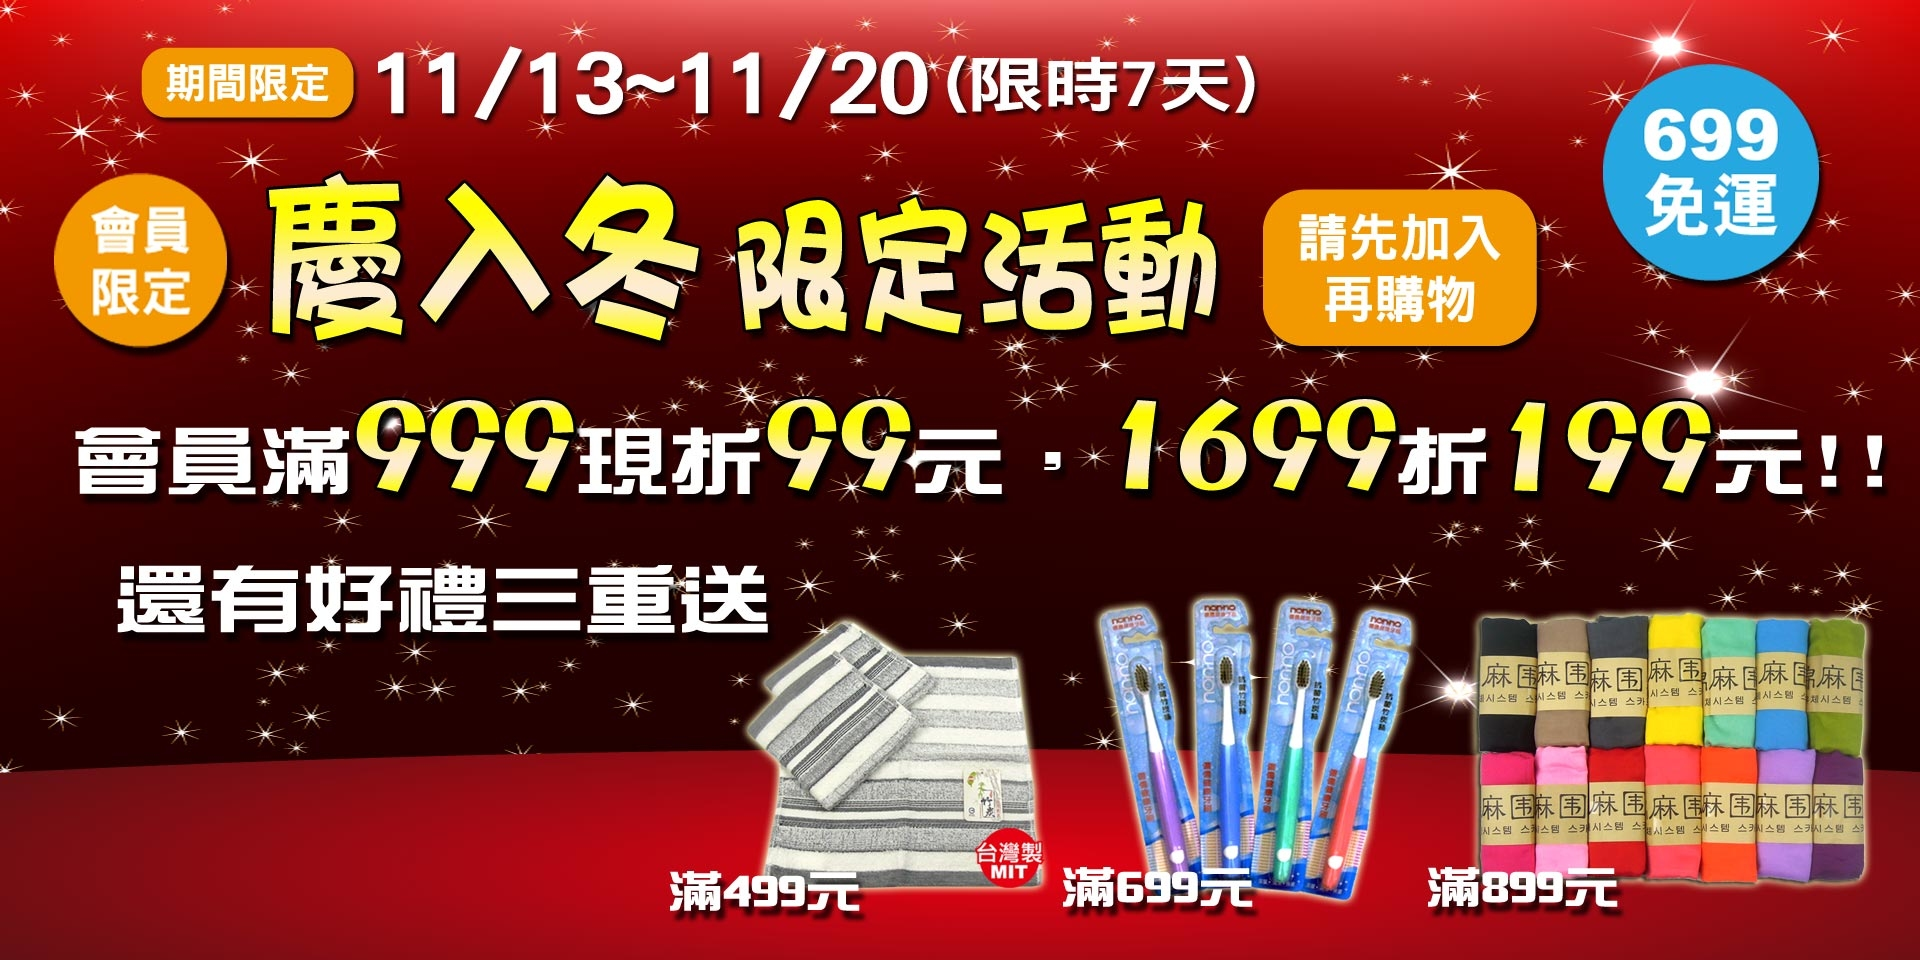 慶入冬~會員滿999現折99、滿1699現折199元,還有好禮三重送